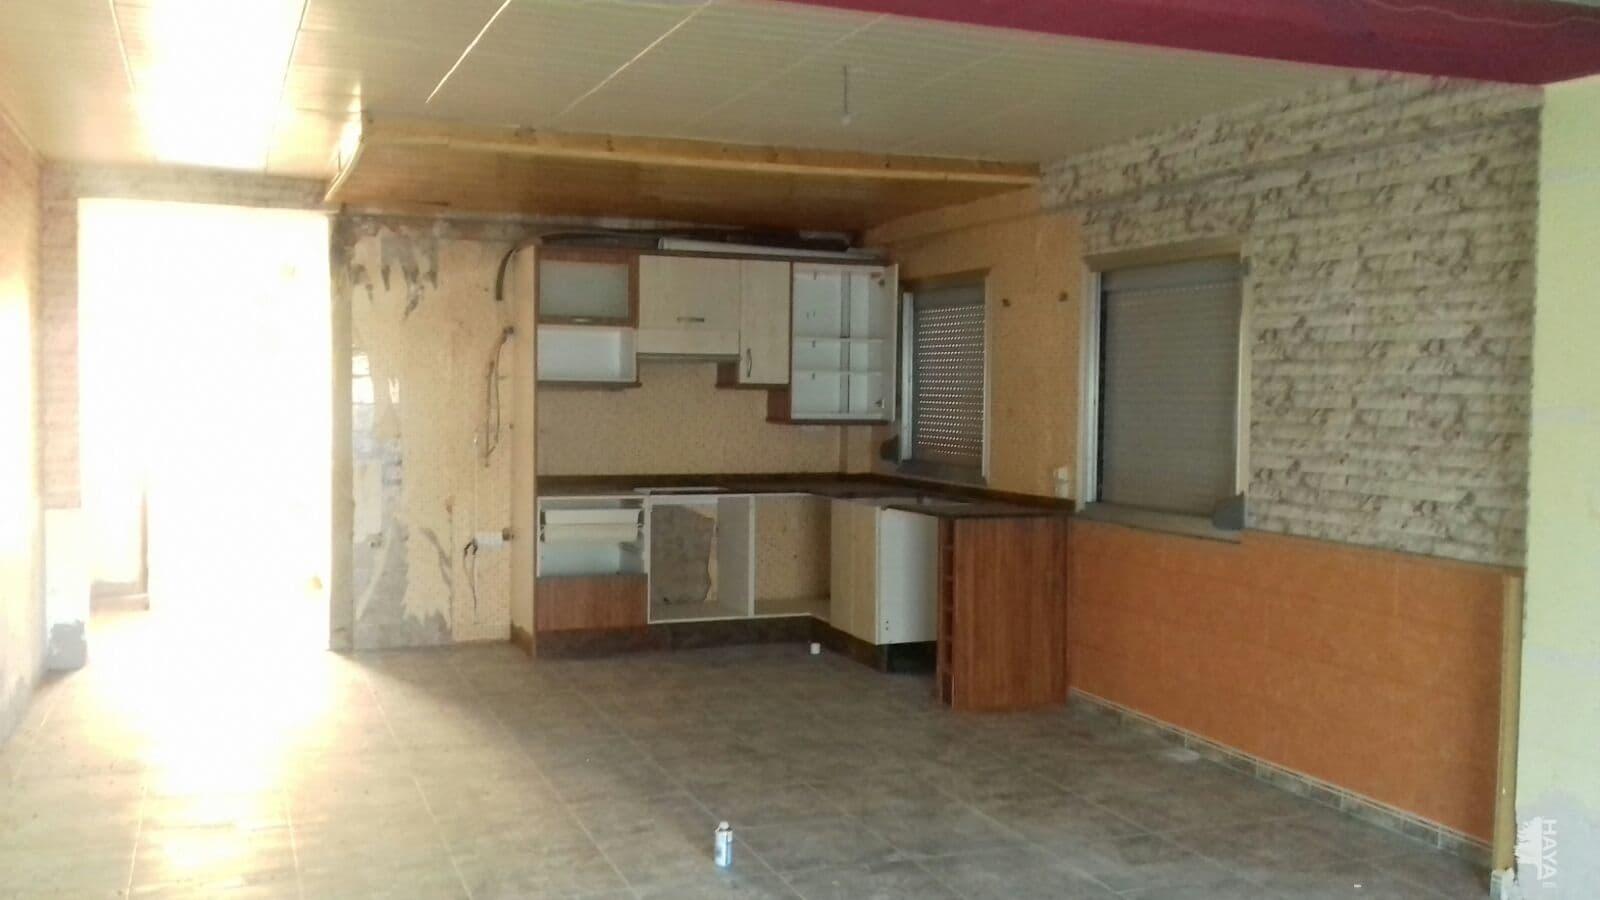 Piso en venta en Piso en Náquera, Valencia, 47.700 €, 3 habitaciones, 1 baño, 84 m2